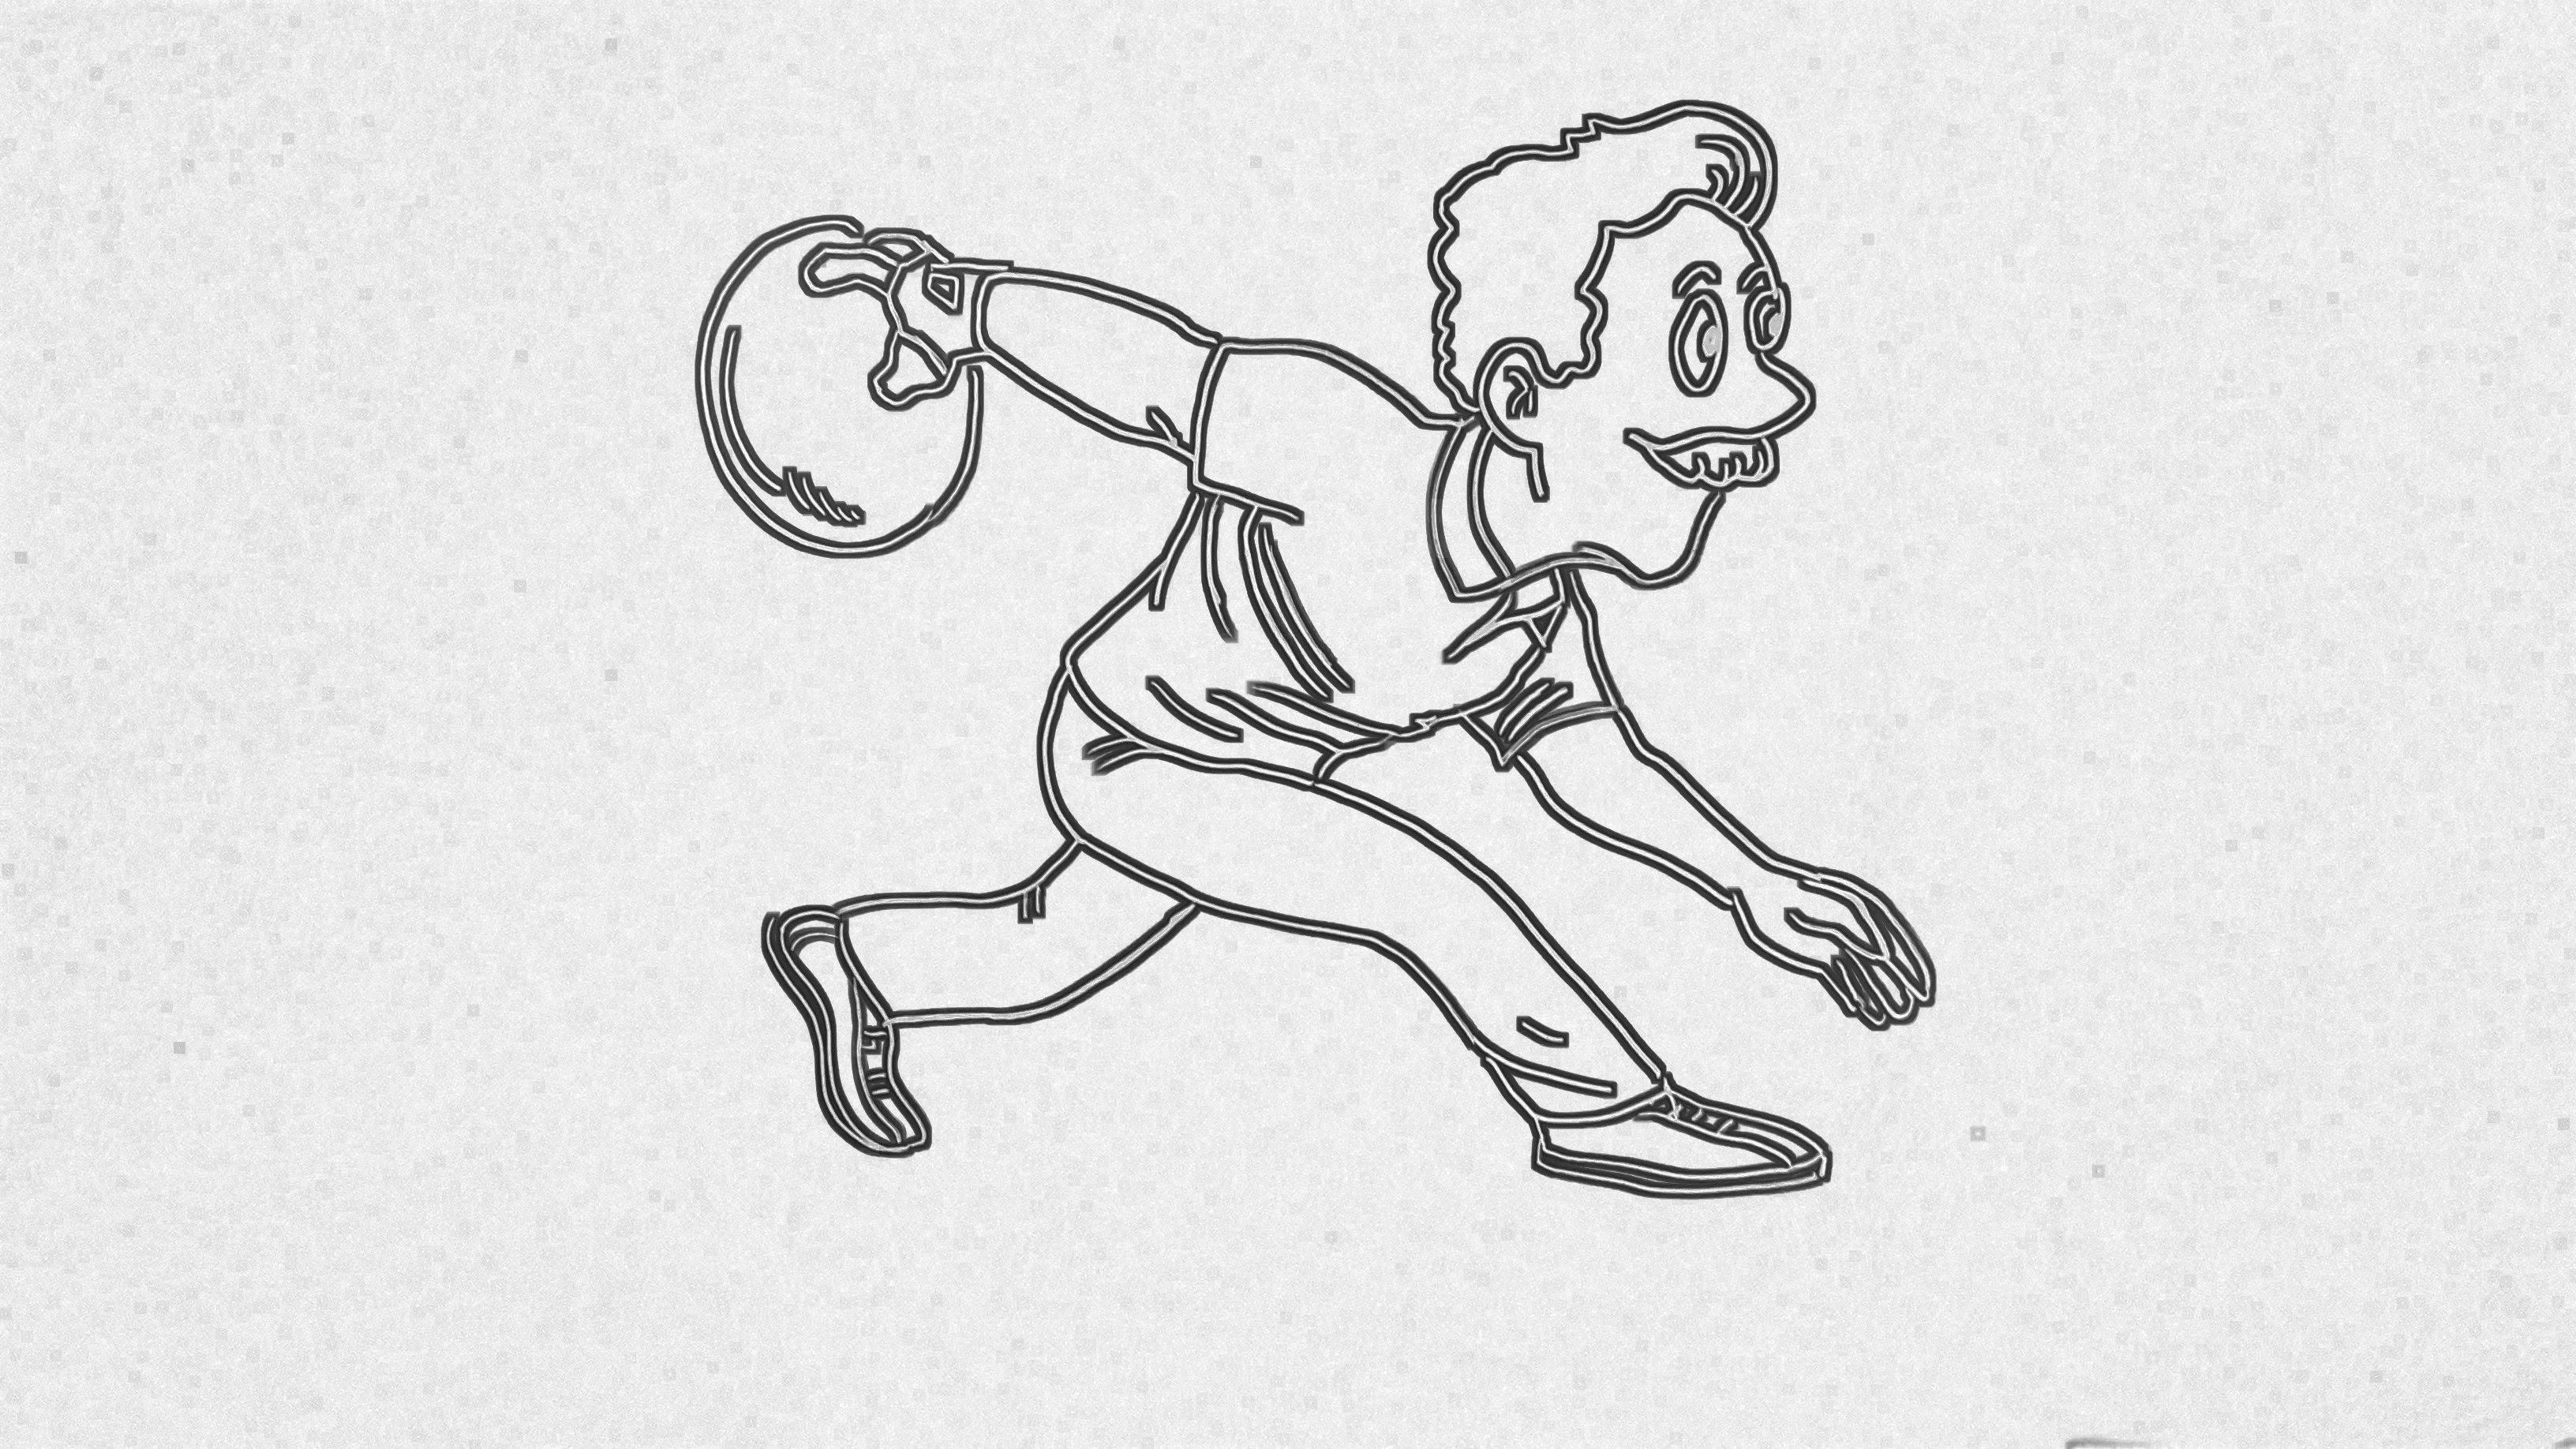 kręgielnia stacja kłaj bowling kłaj bar kłaj bilard piłkarzyki gry planszowe imprezy piwa kraftowe liga mistrzow impreza firmowa puszcza niepolomicka malopolska krakow (2)